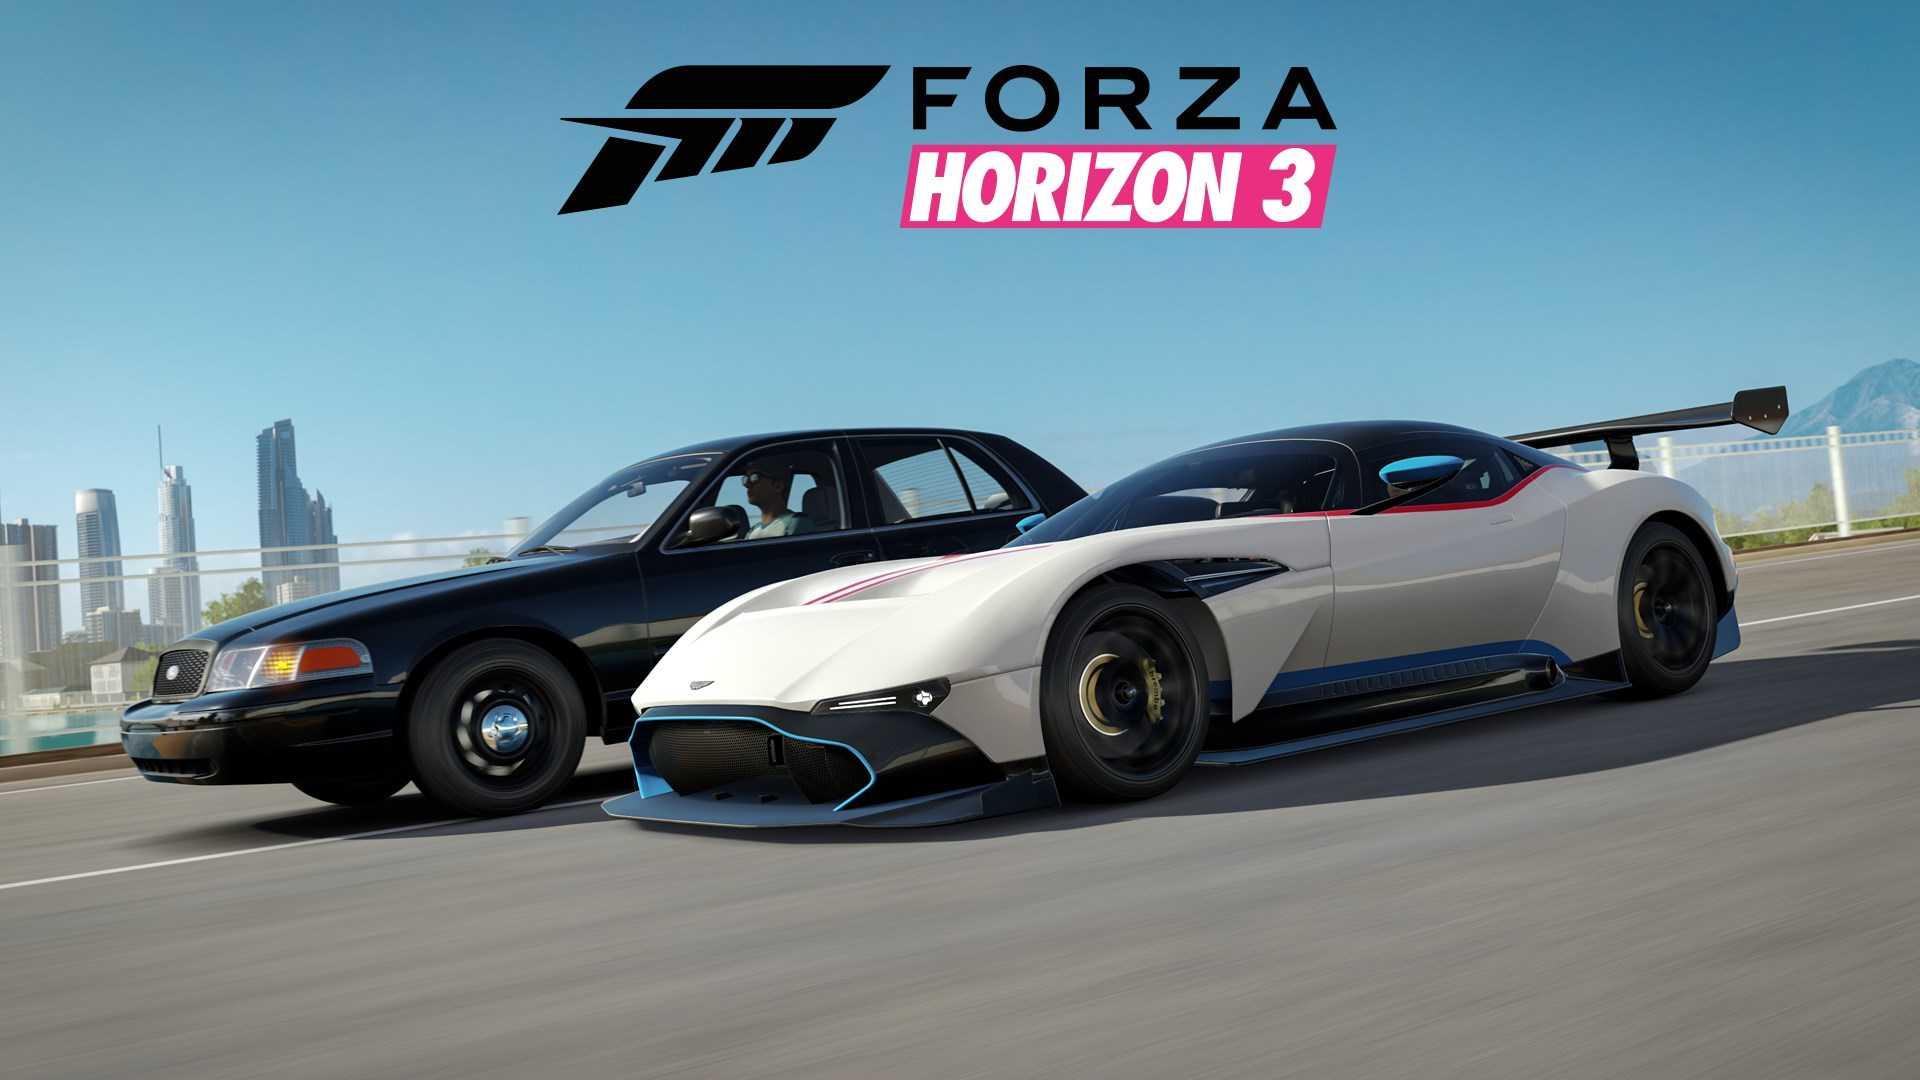 Через 3 недели Forza Horizon 3 навсегда удалят, сейчас ее можно купить со скидкой в 70%